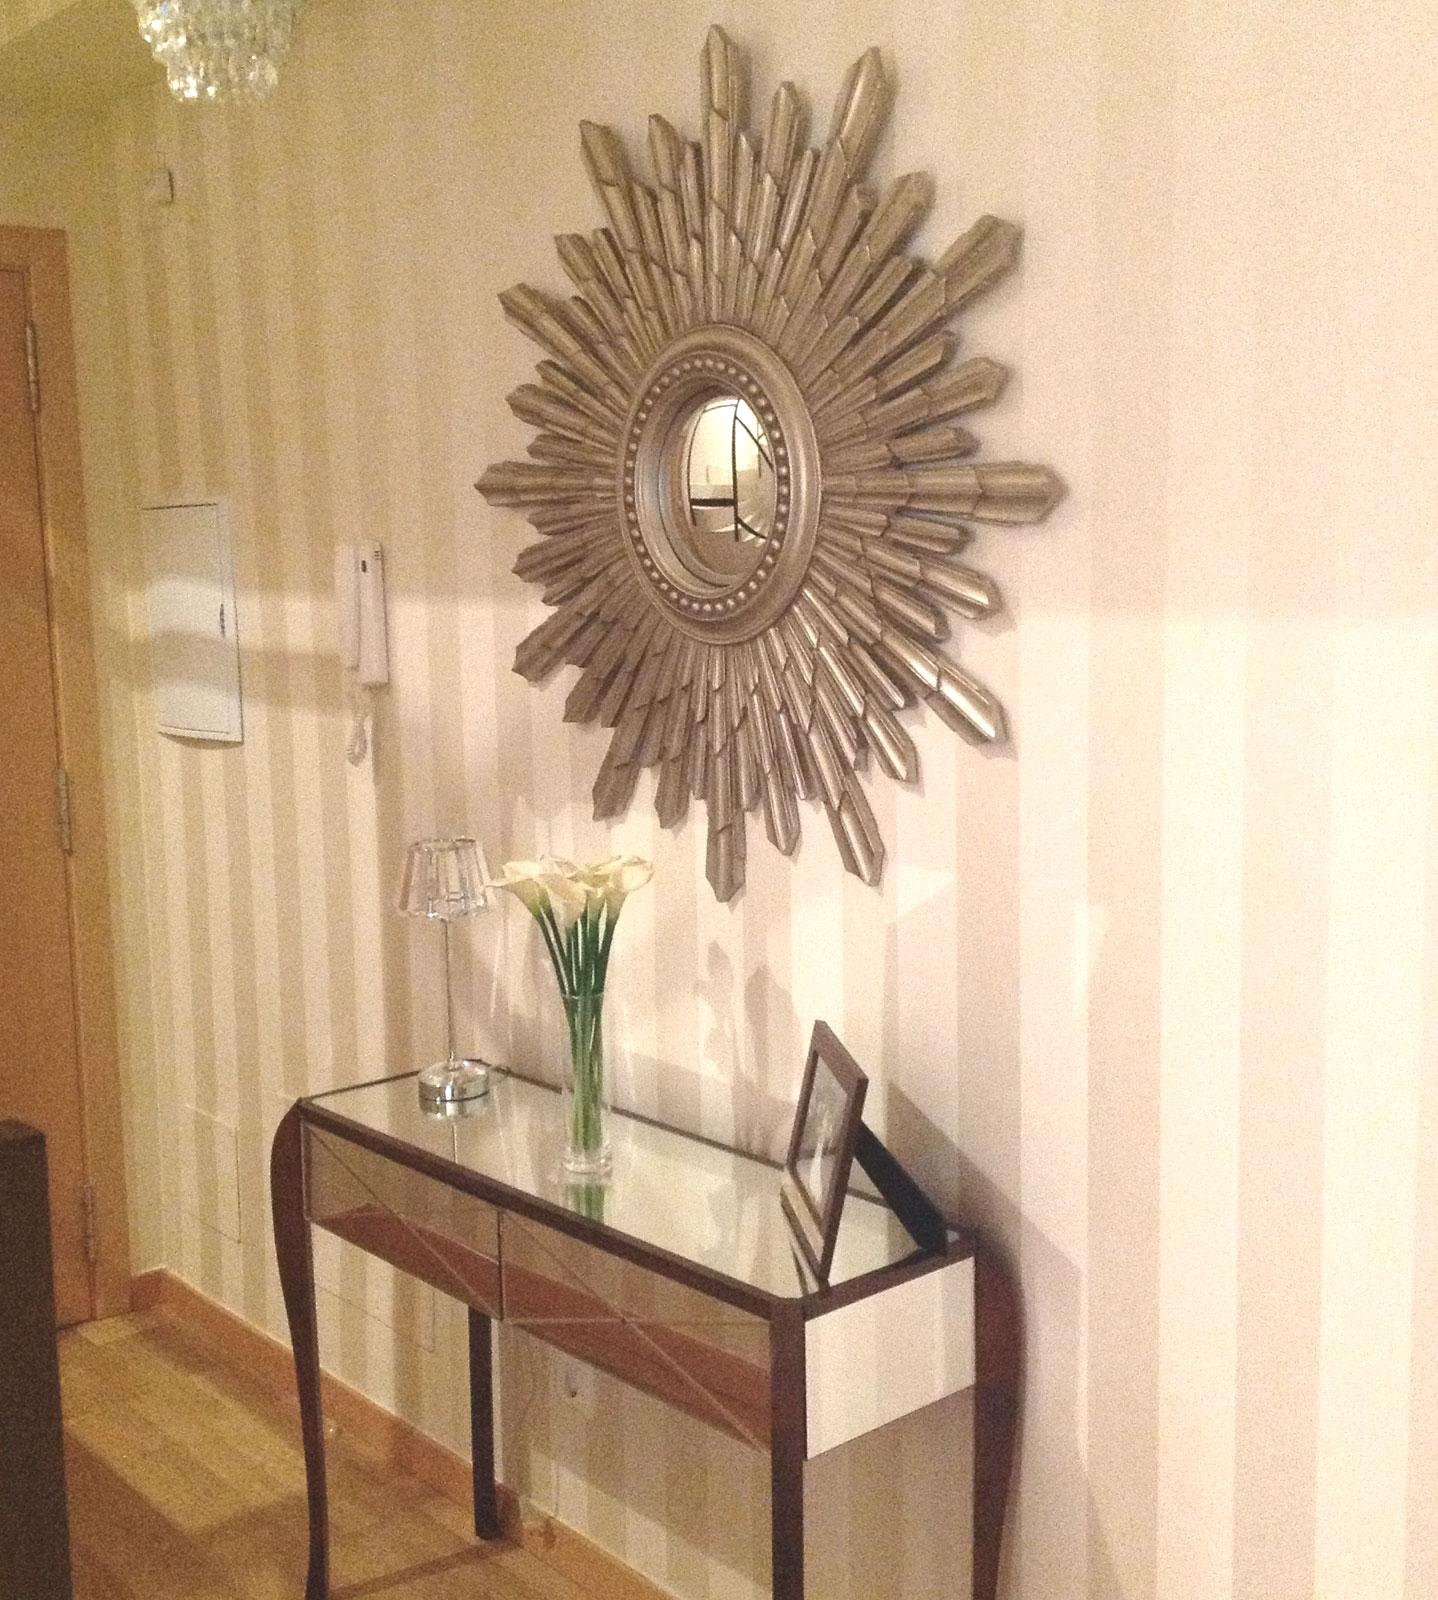 El blog de decoracion de laura ashley mayo 2013 - Lamparas para pasillos casa ...